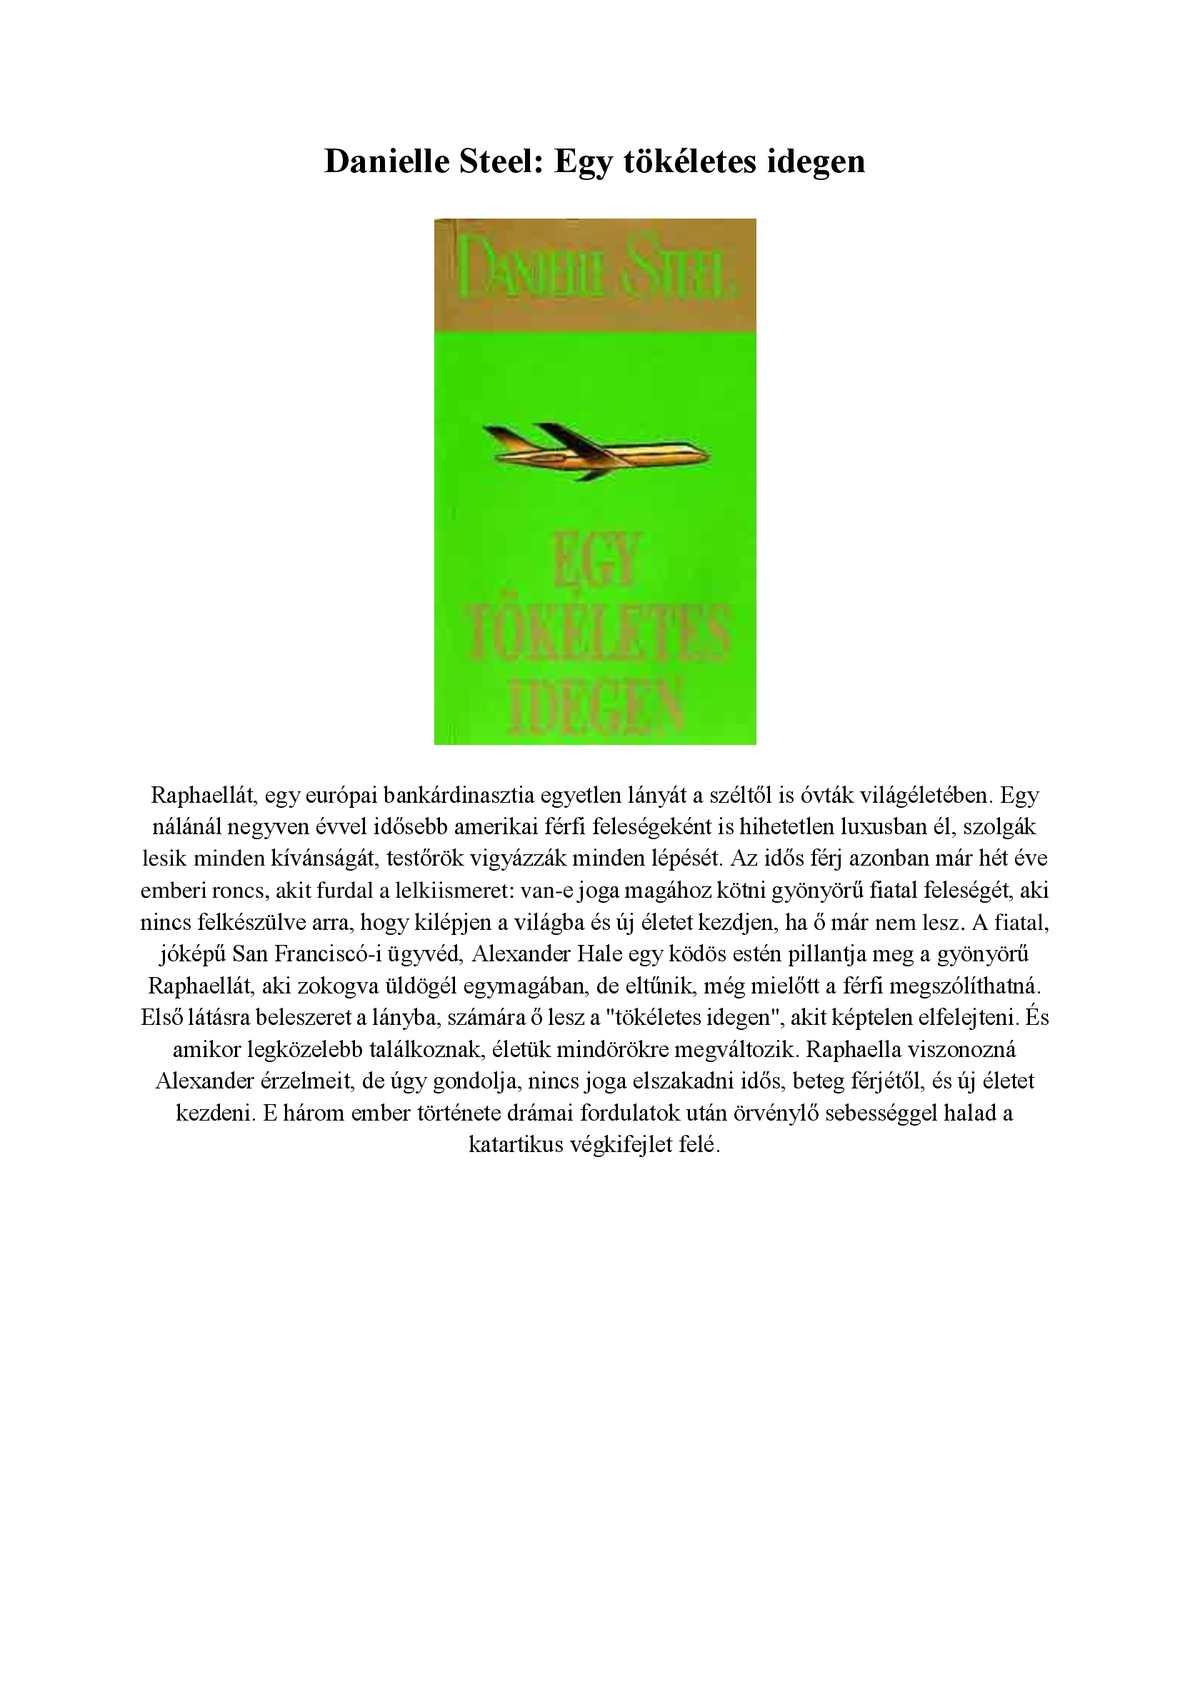 Egy hang és egy látomás - Jelenések könyve 1, - Biblia